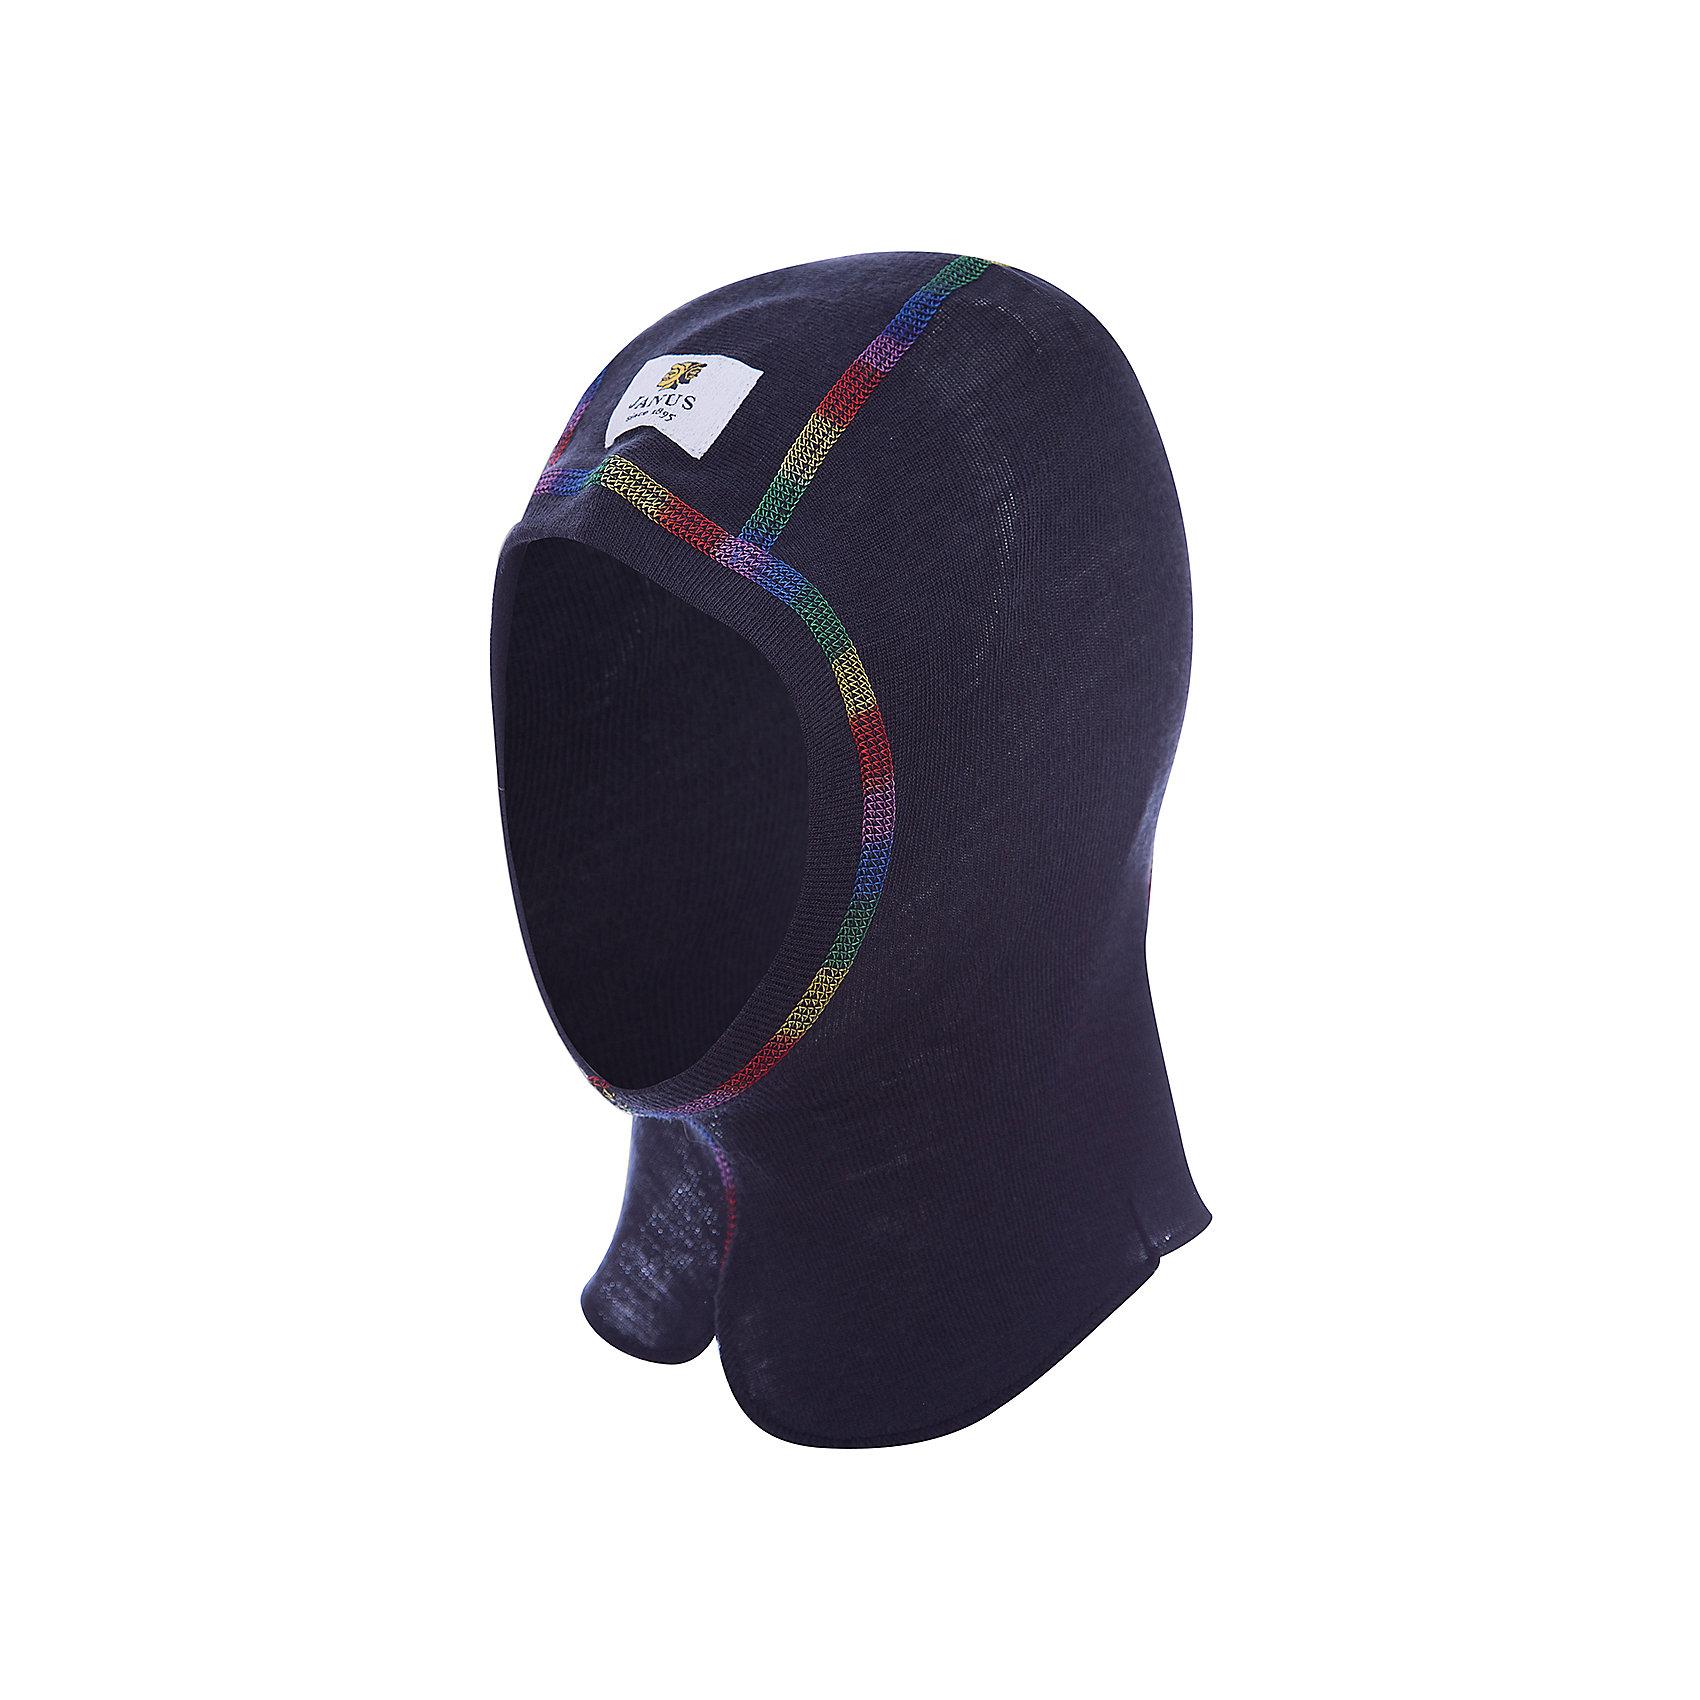 Шапка-шлем JanusФлис и термобелье<br>Шапка-шлем известной марки Janus.<br><br>Шапка-шлем однослойный из 100% шерсти мериноса, идеально подходит под все виды зимних головных уборов. Контрастные цветные плоские швы не натирают кожу ребенка и отличаются оригинальным дизайном. Детский шлем-балаклава Janus из 100%-ной мериносовой шерсти станет надежным щитом от мороза и ветра. Выполненный из целебной шерсти овец мериносов, он будет не только сохранять тепло, но оказывать лечебное воздействие на ушки и горло ребенка, которые часто подвергаются болезням в холодное время года.<br><br>Состав: 100% шерсть мериноса<br><br>Ширина мм: 89<br>Глубина мм: 117<br>Высота мм: 44<br>Вес г: 155<br>Цвет: серый<br>Возраст от месяцев: 48<br>Возраст до месяцев: 72<br>Пол: Мужской<br>Возраст: Детский<br>Размер: 51-53,53-55,49-51<br>SKU: 4913915